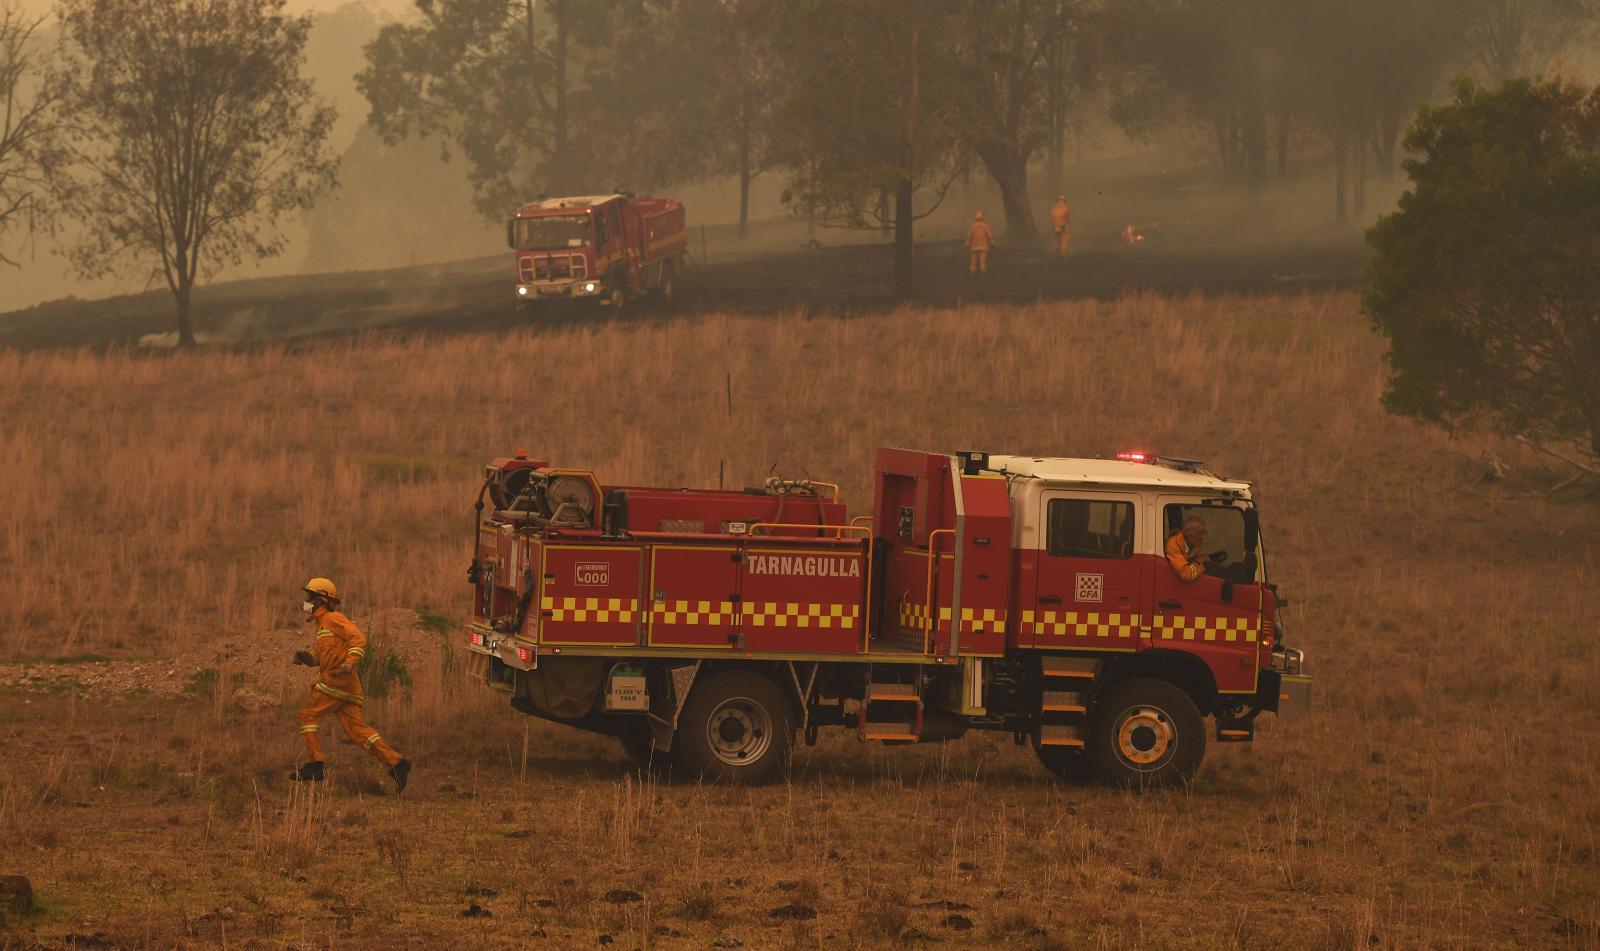 ไฟป่าออสเตรเลียยังวิกฤต! กระทบทั่วทั้งคนและสัตว์ป่า